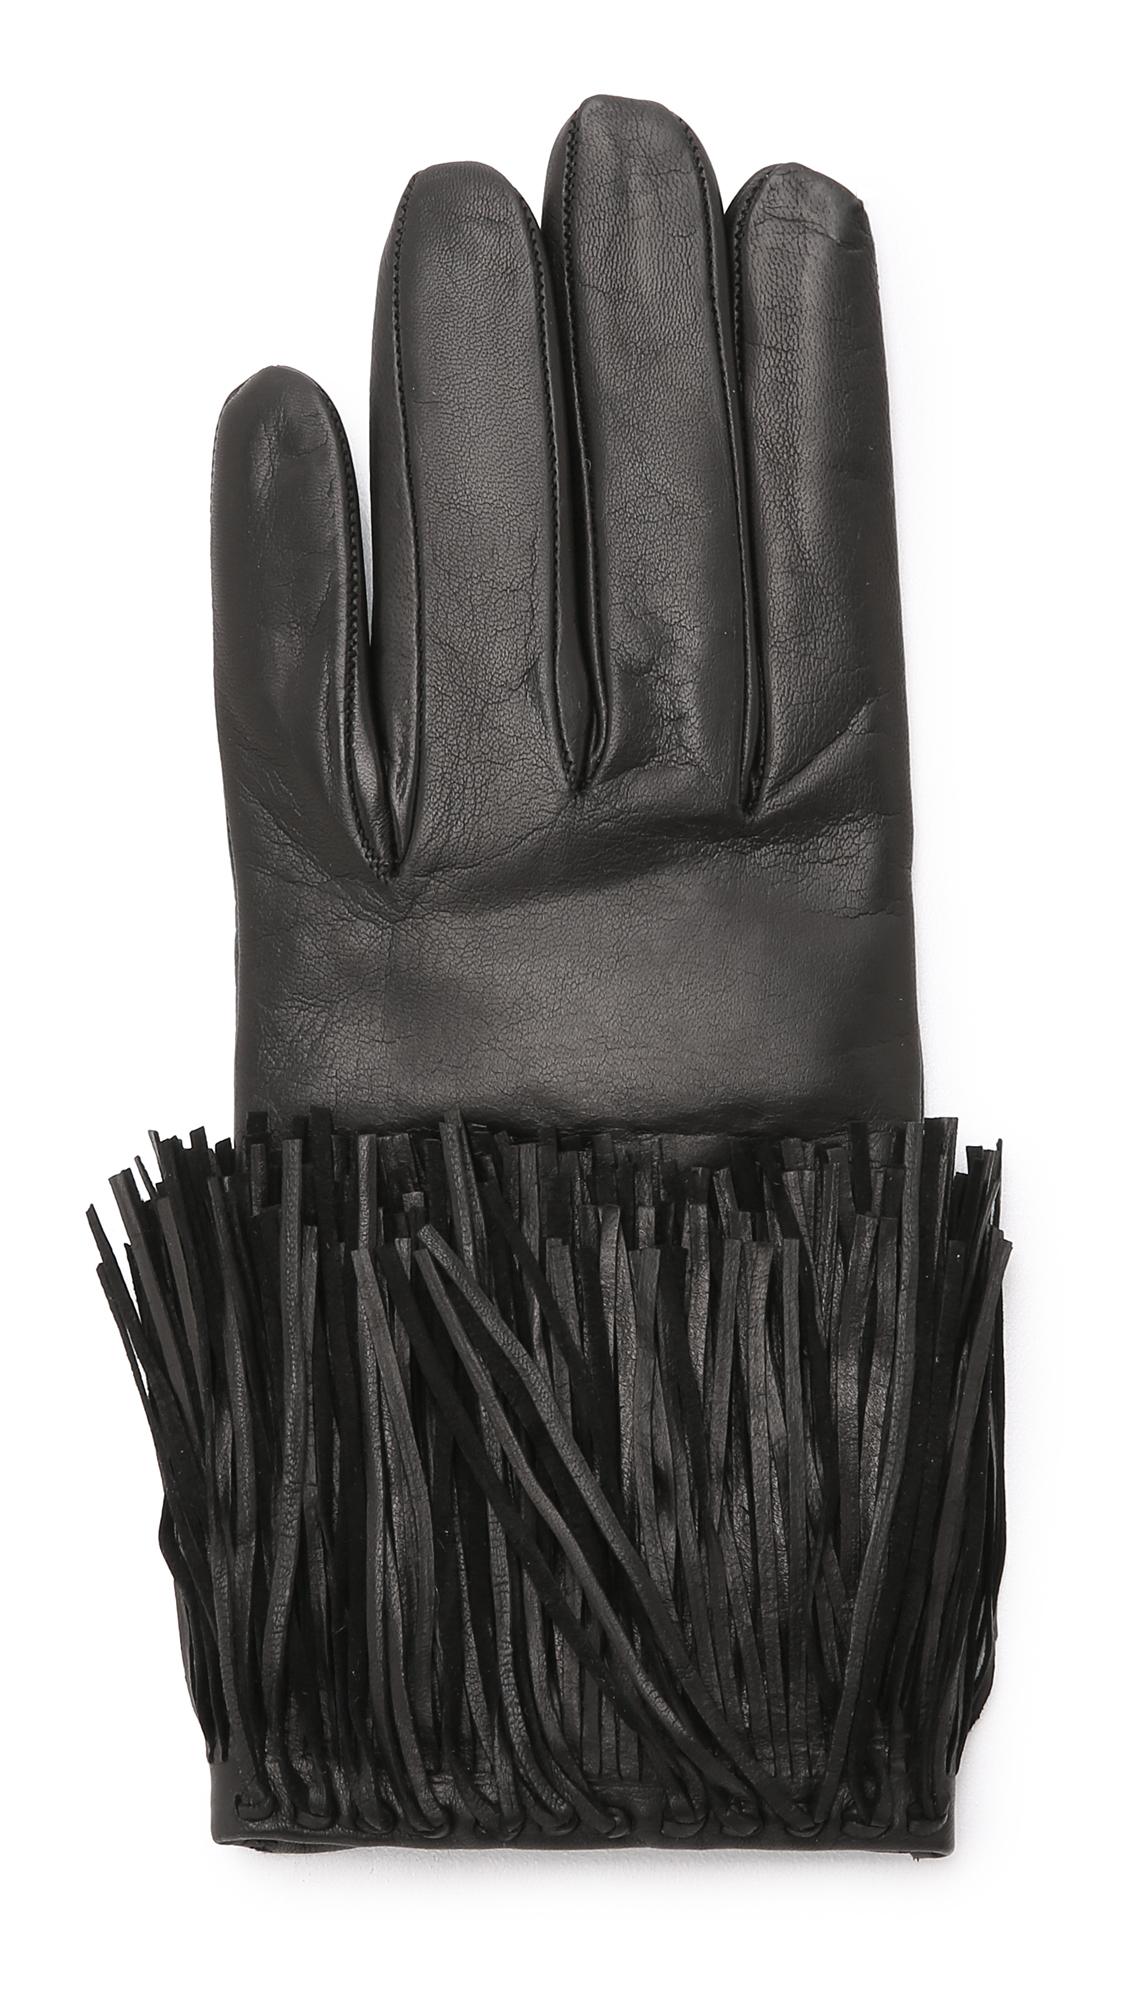 Ladies leather gloves selfridges - Gallery